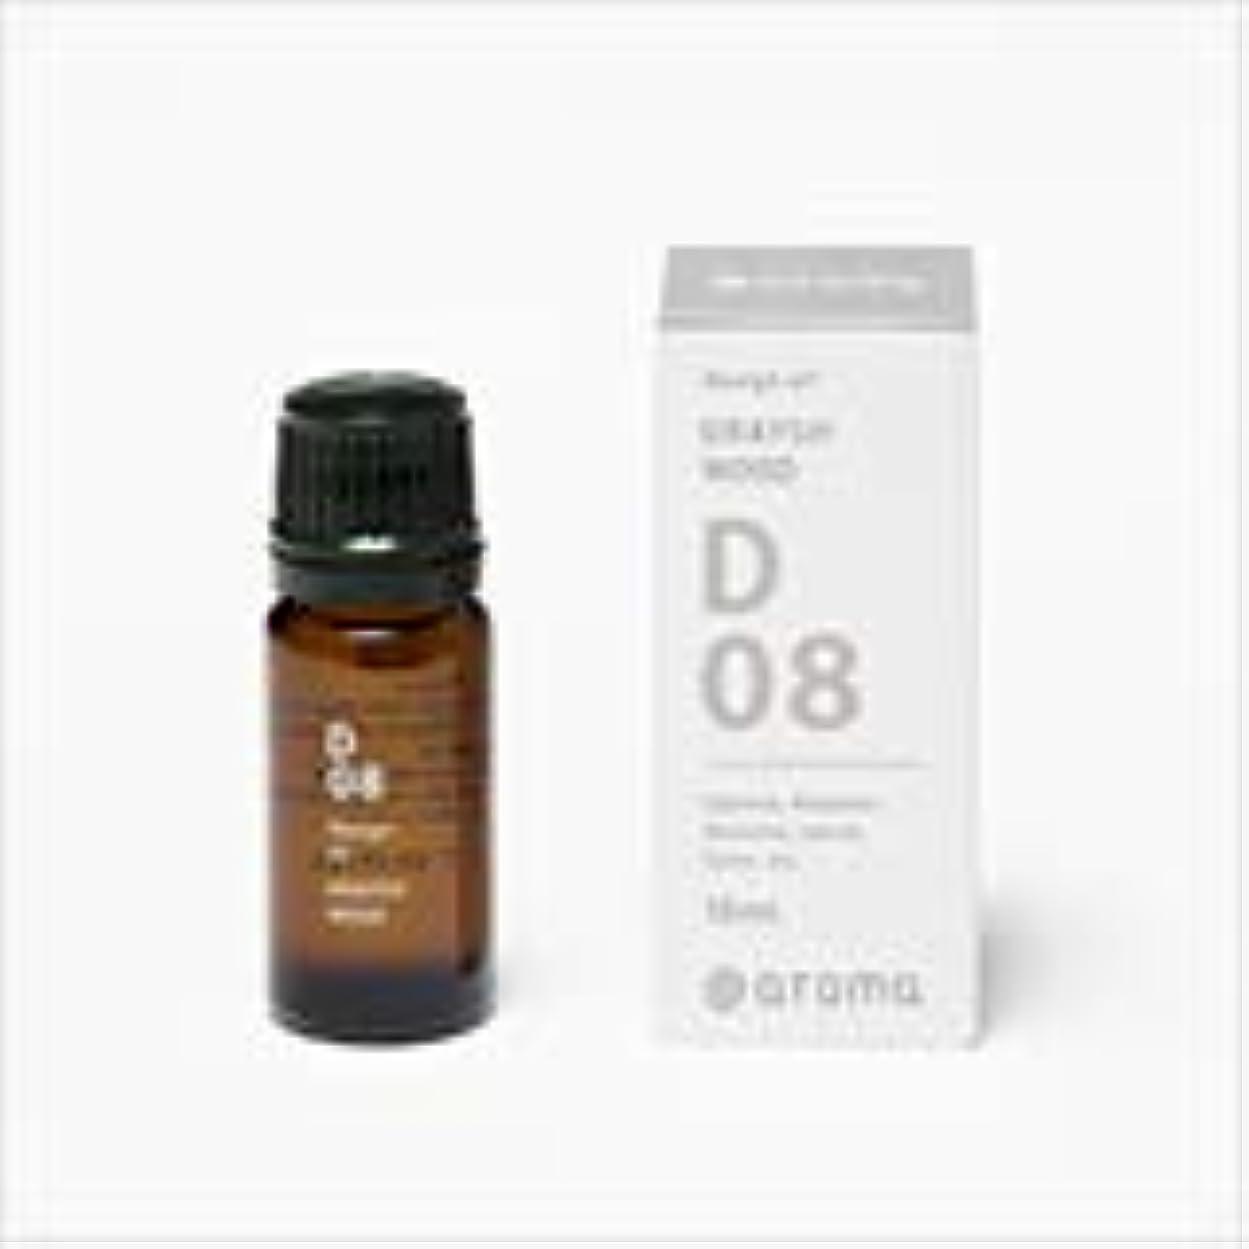 外交不忠エンジニアアットアロマ 100%pure essential oil <Design air グルーヴィーフォレスト>